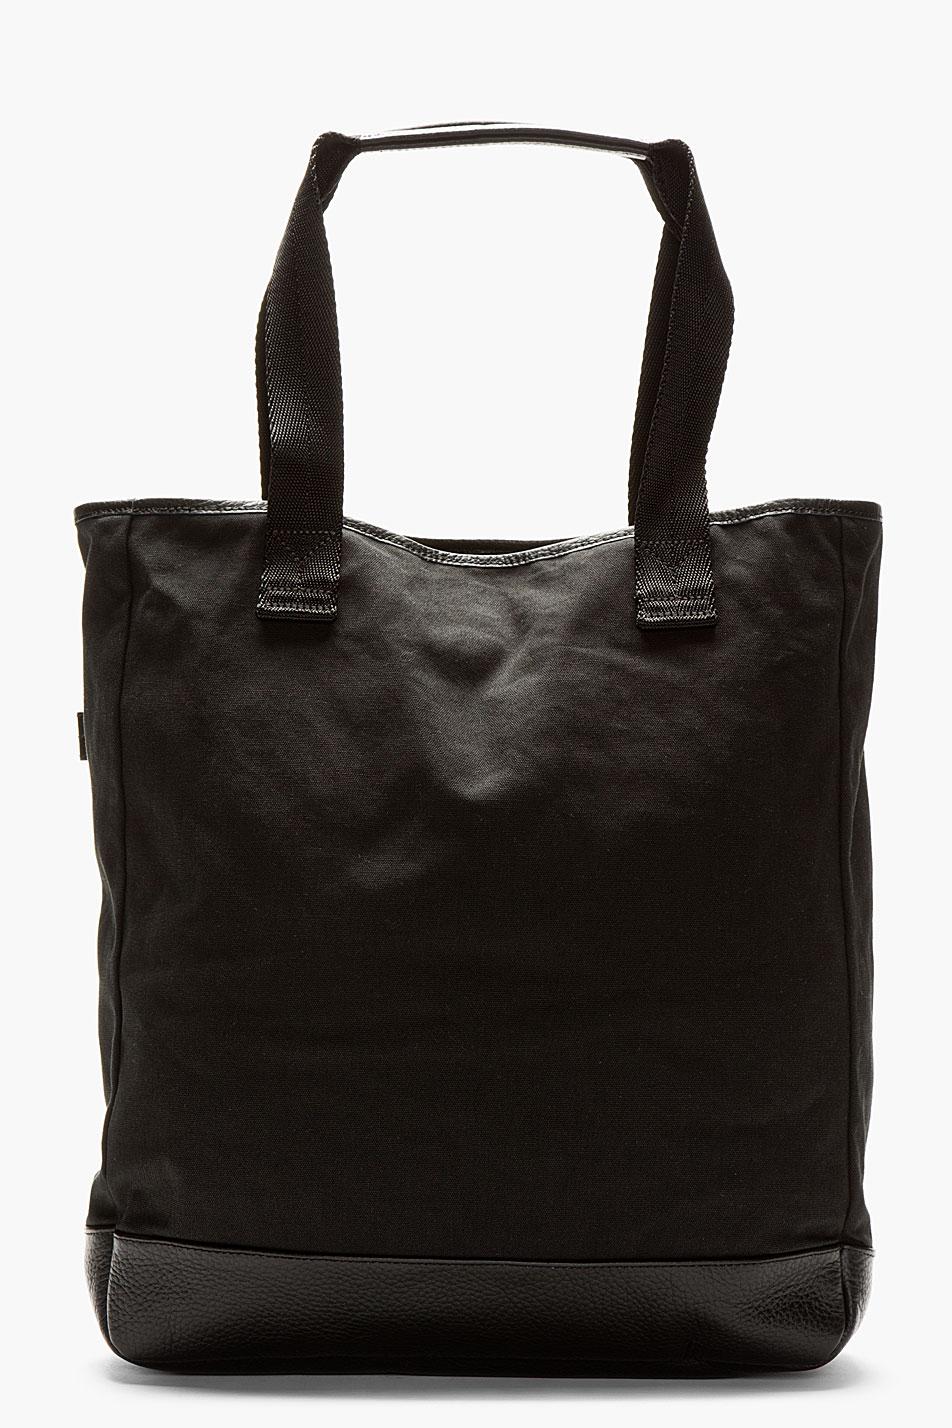 Y-3 Ink Black Canvas Shopper Tote Bag in Black for Men | Lyst